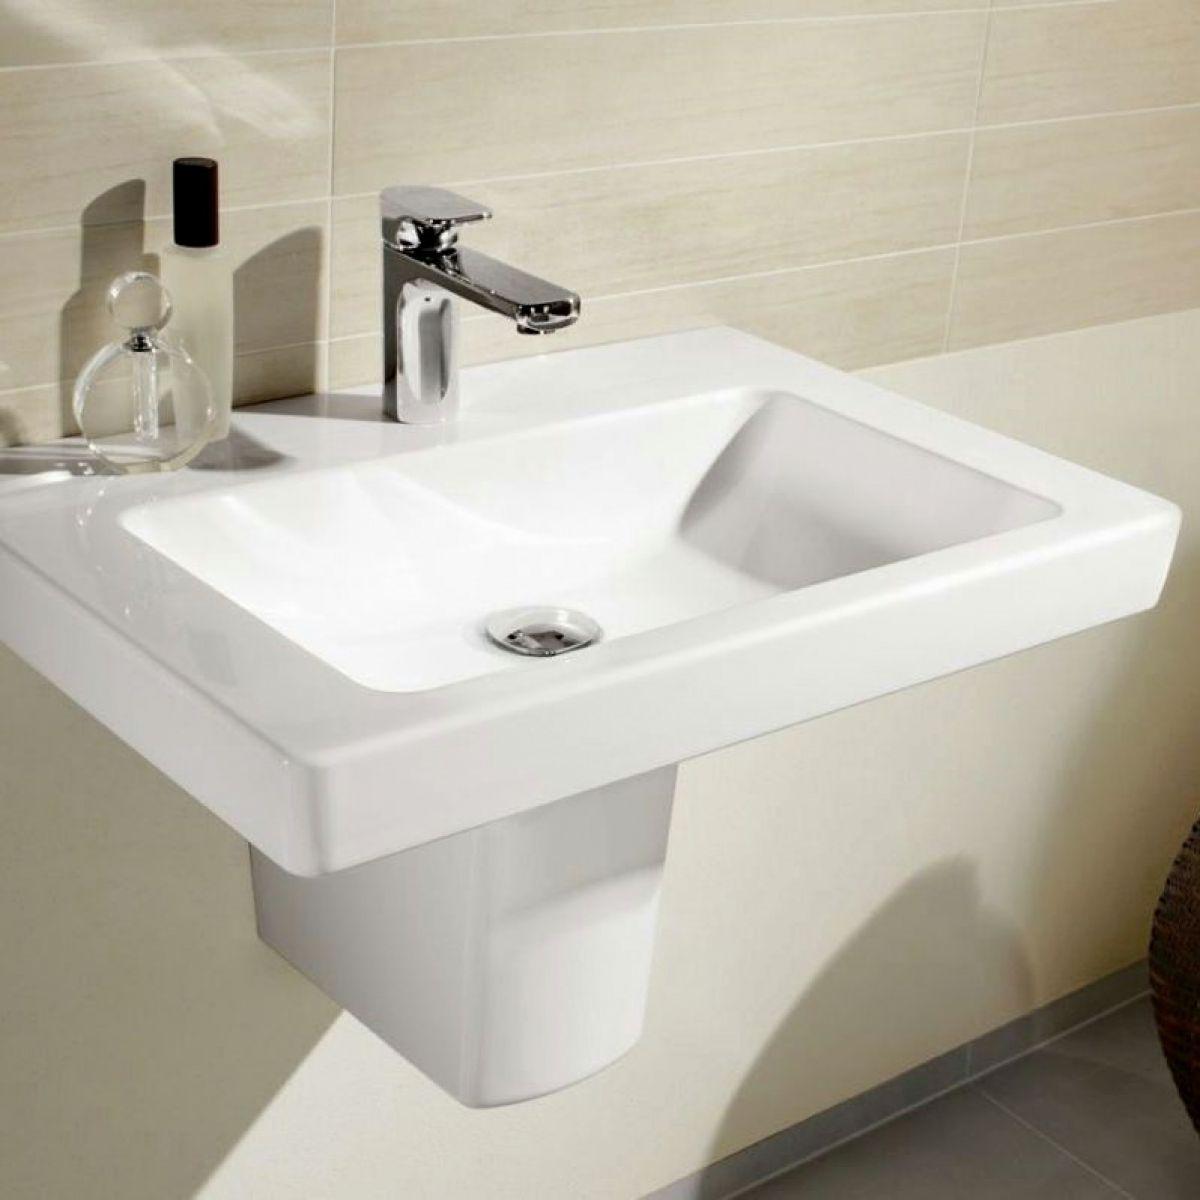 villeroy boch subway 2 0 washbasin uk bathrooms. Black Bedroom Furniture Sets. Home Design Ideas